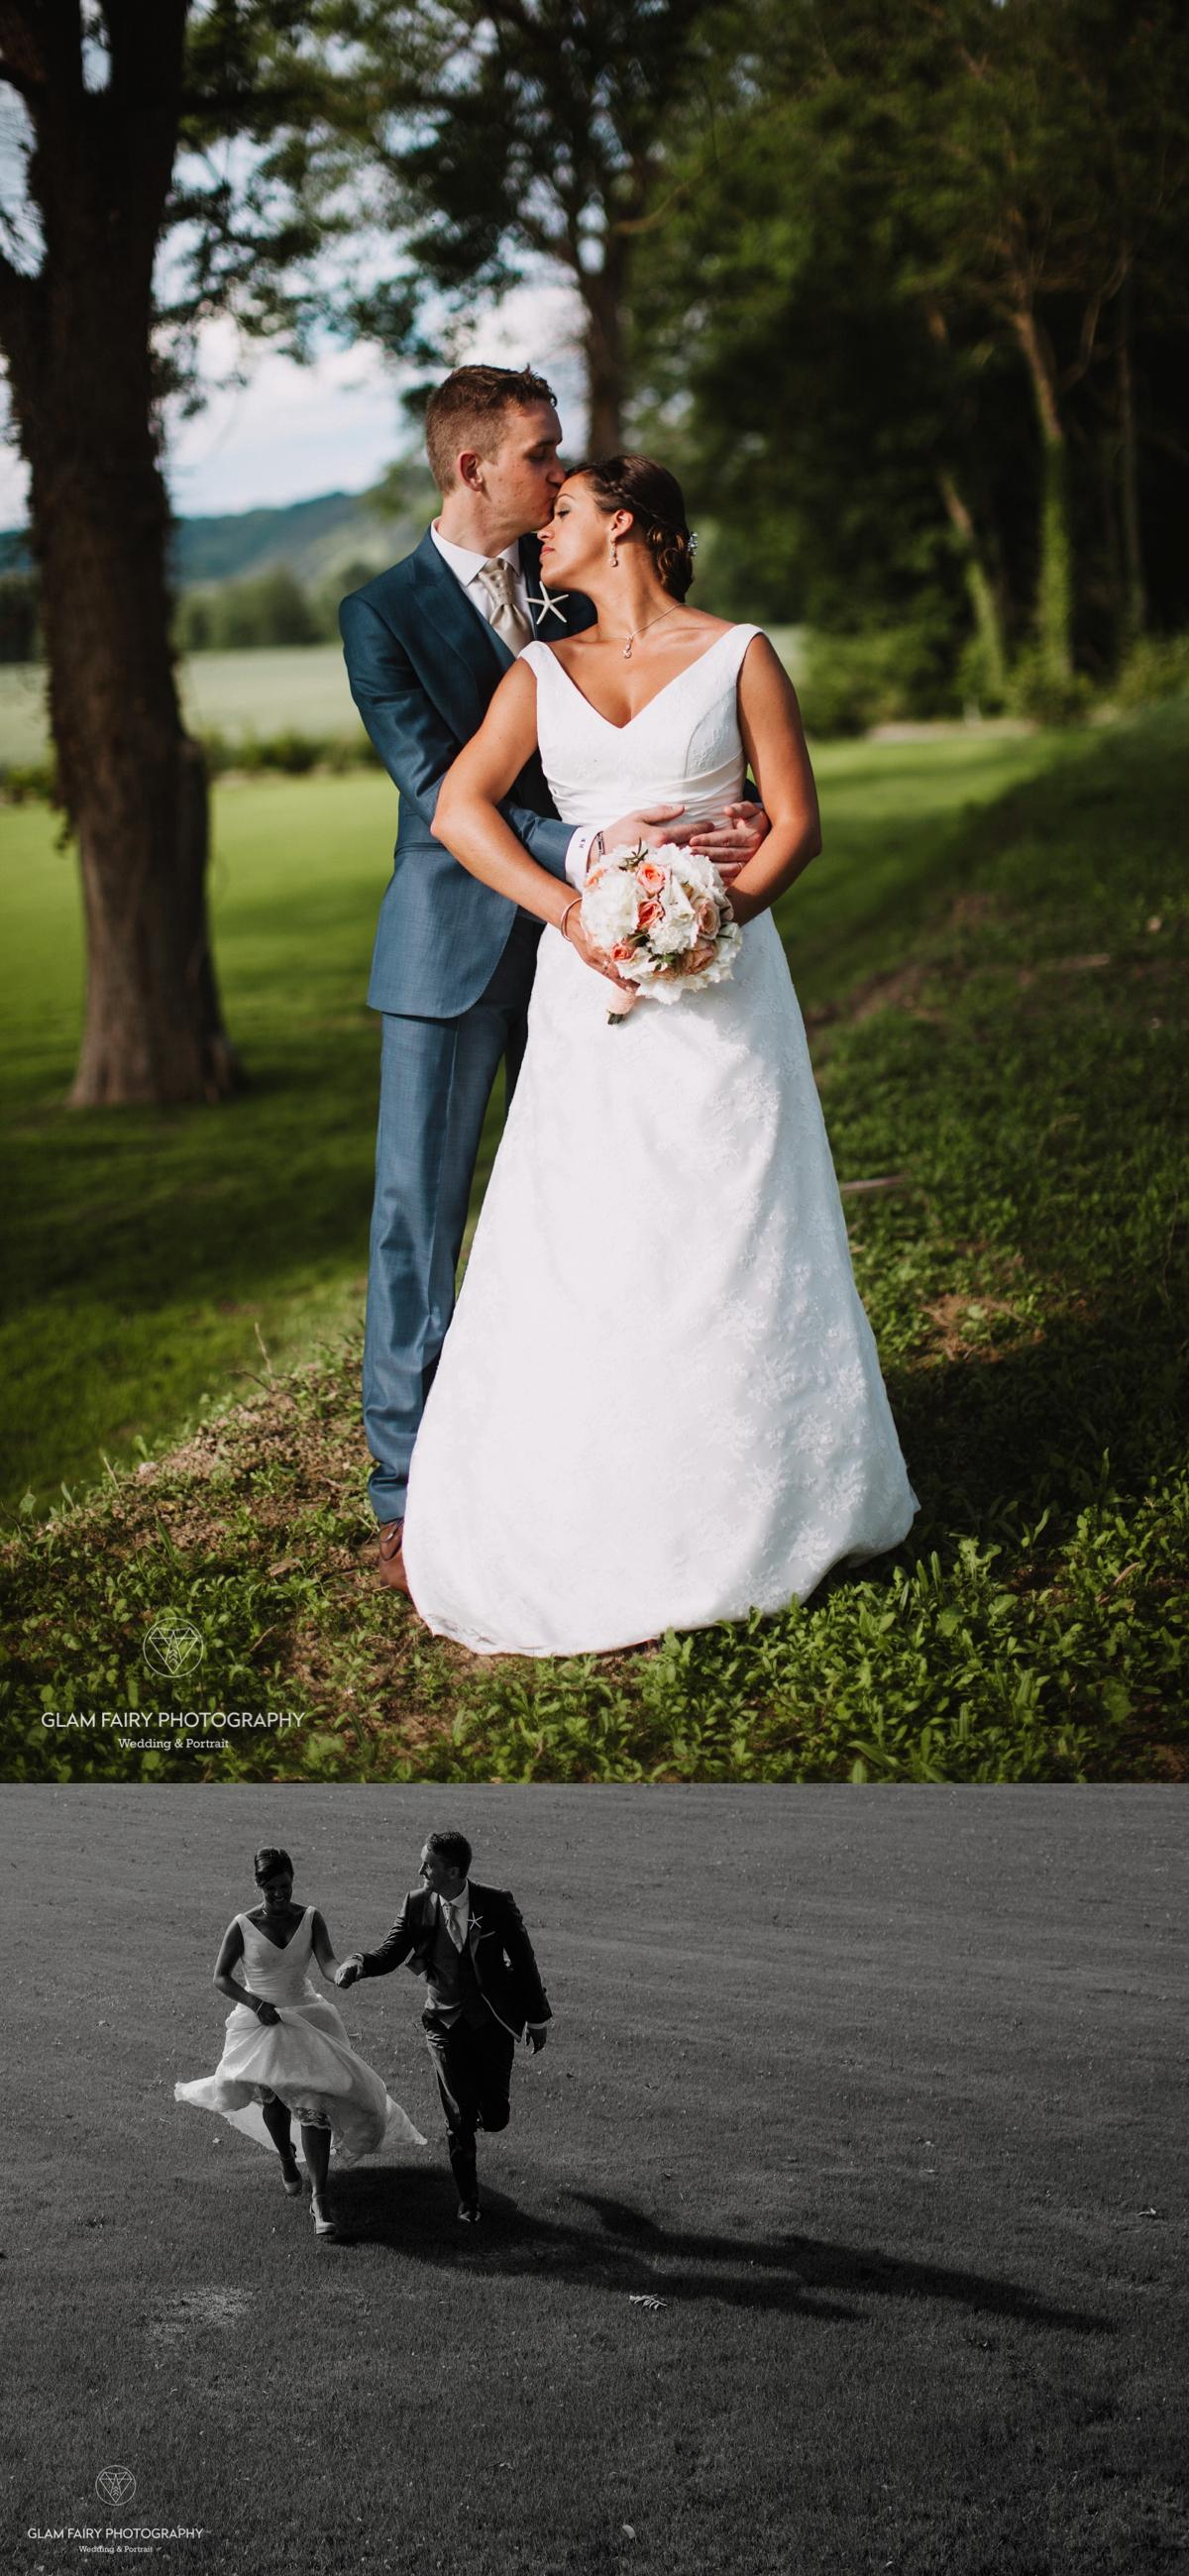 glamfairyphotography-mariage-manoir-de-portejoie-anais_0056